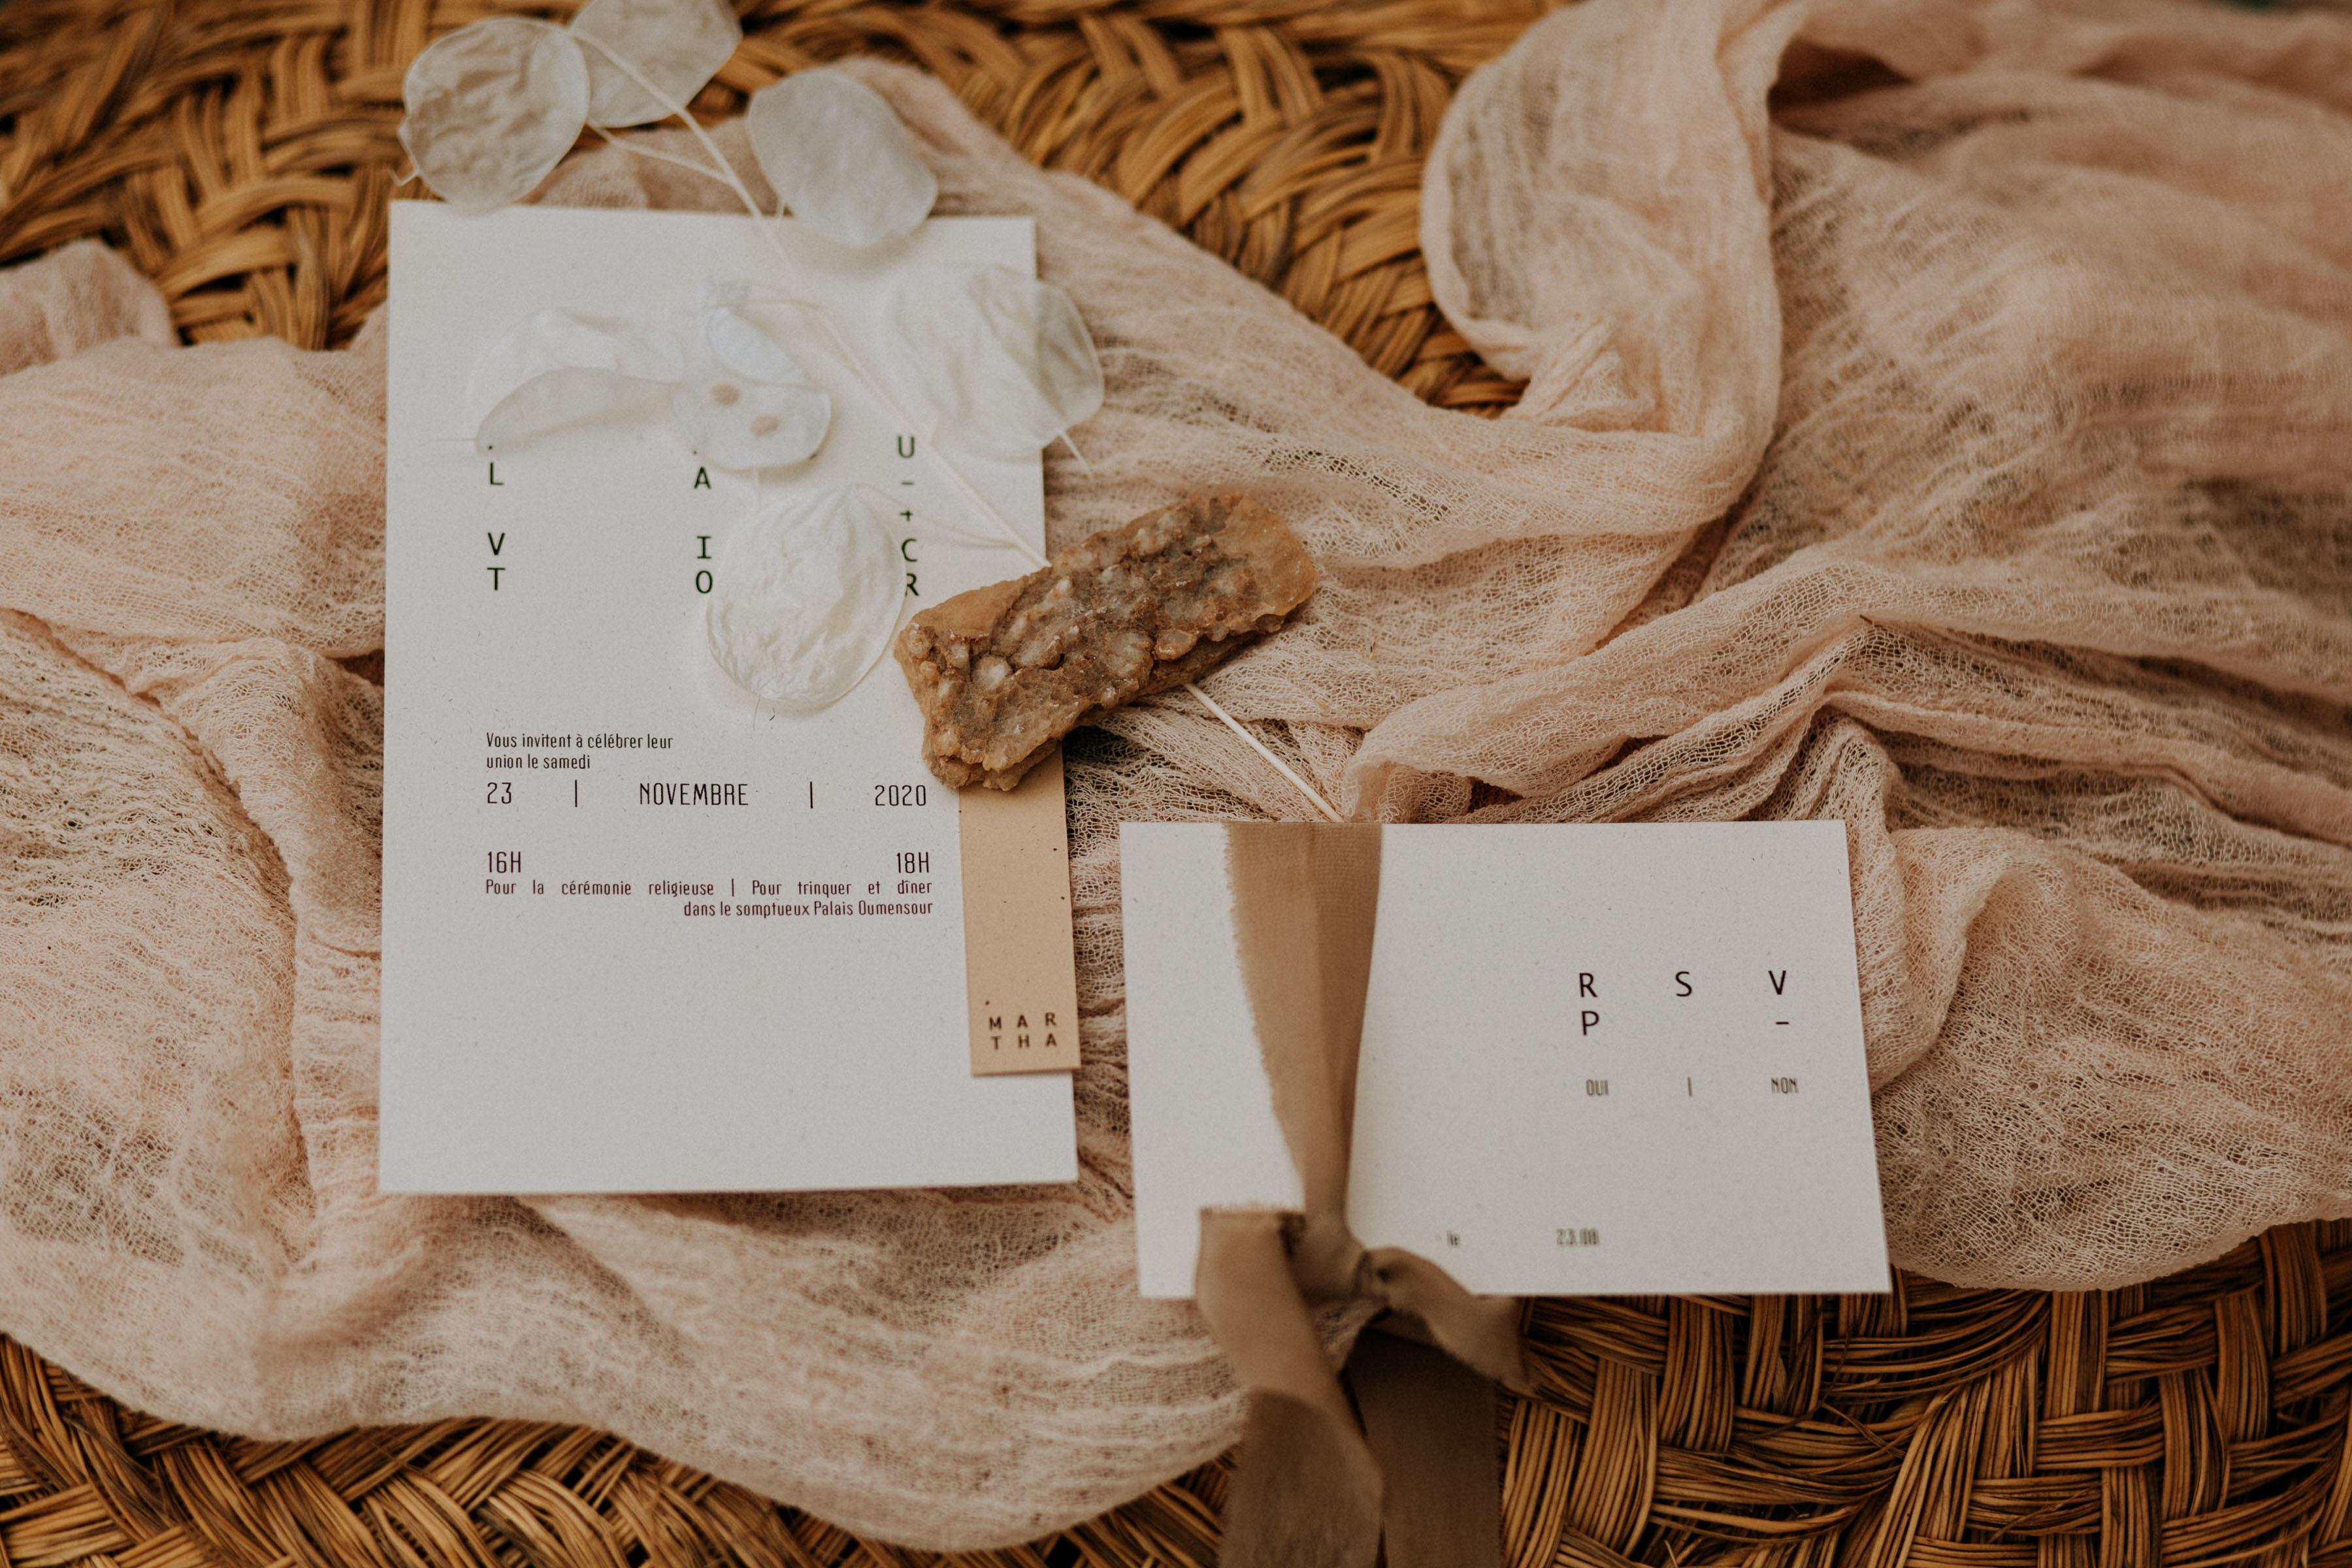 Collection Atlas [papeterie  | Faire-part mariage]